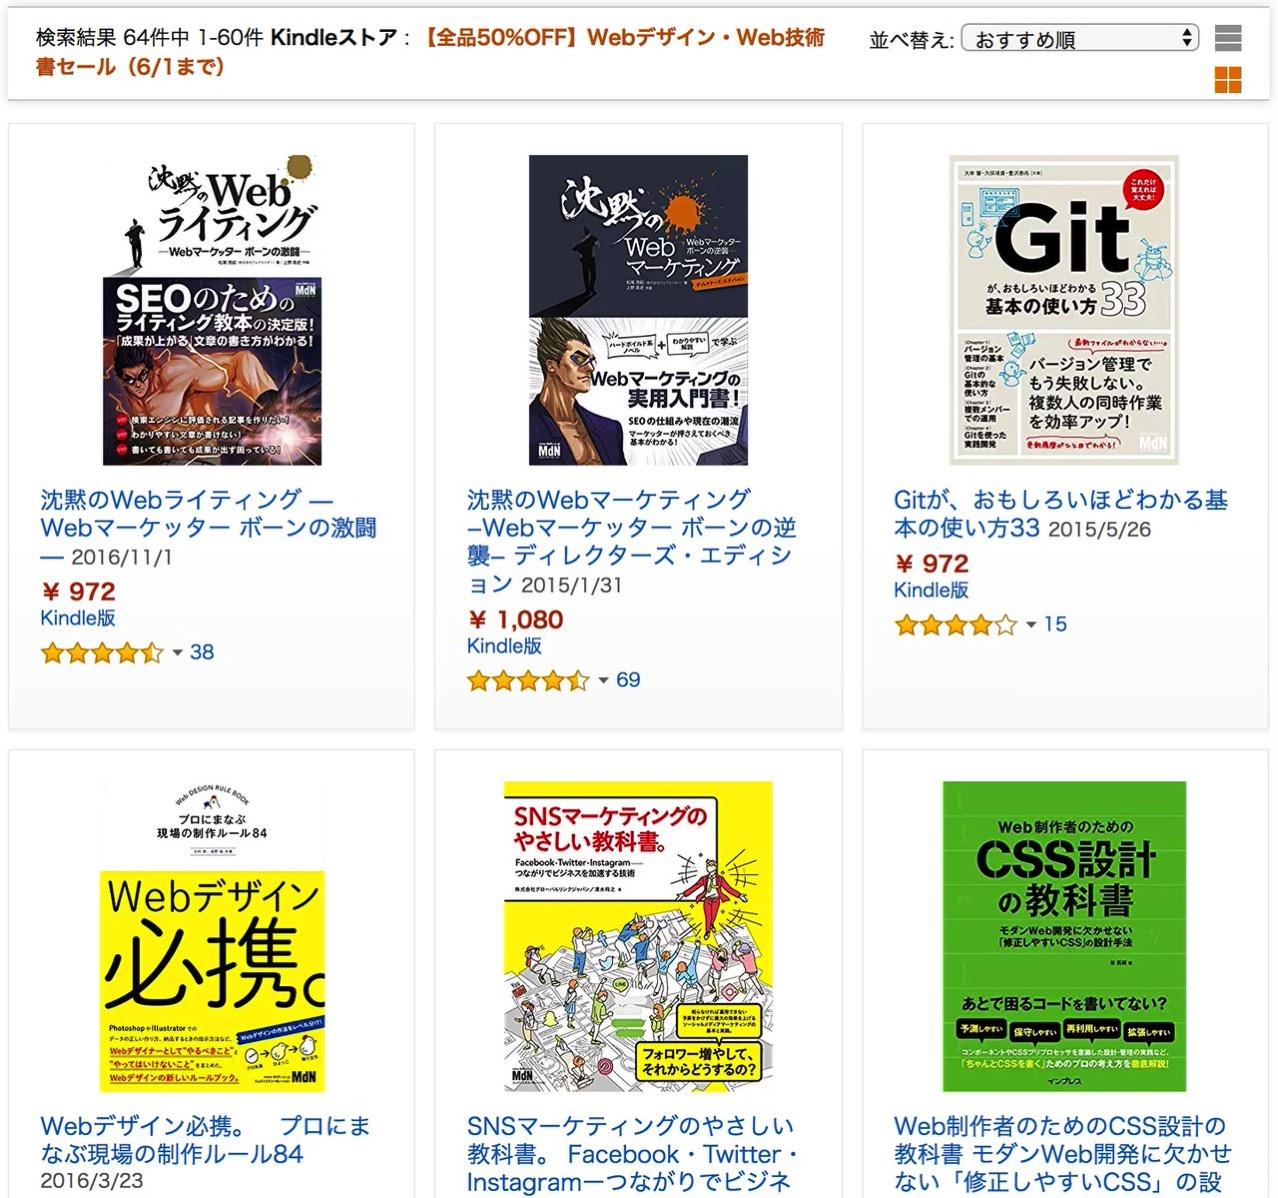 【今日まで!】【全品50%OFF】Kindle「Webデザイン・Web技術書セール」開催中